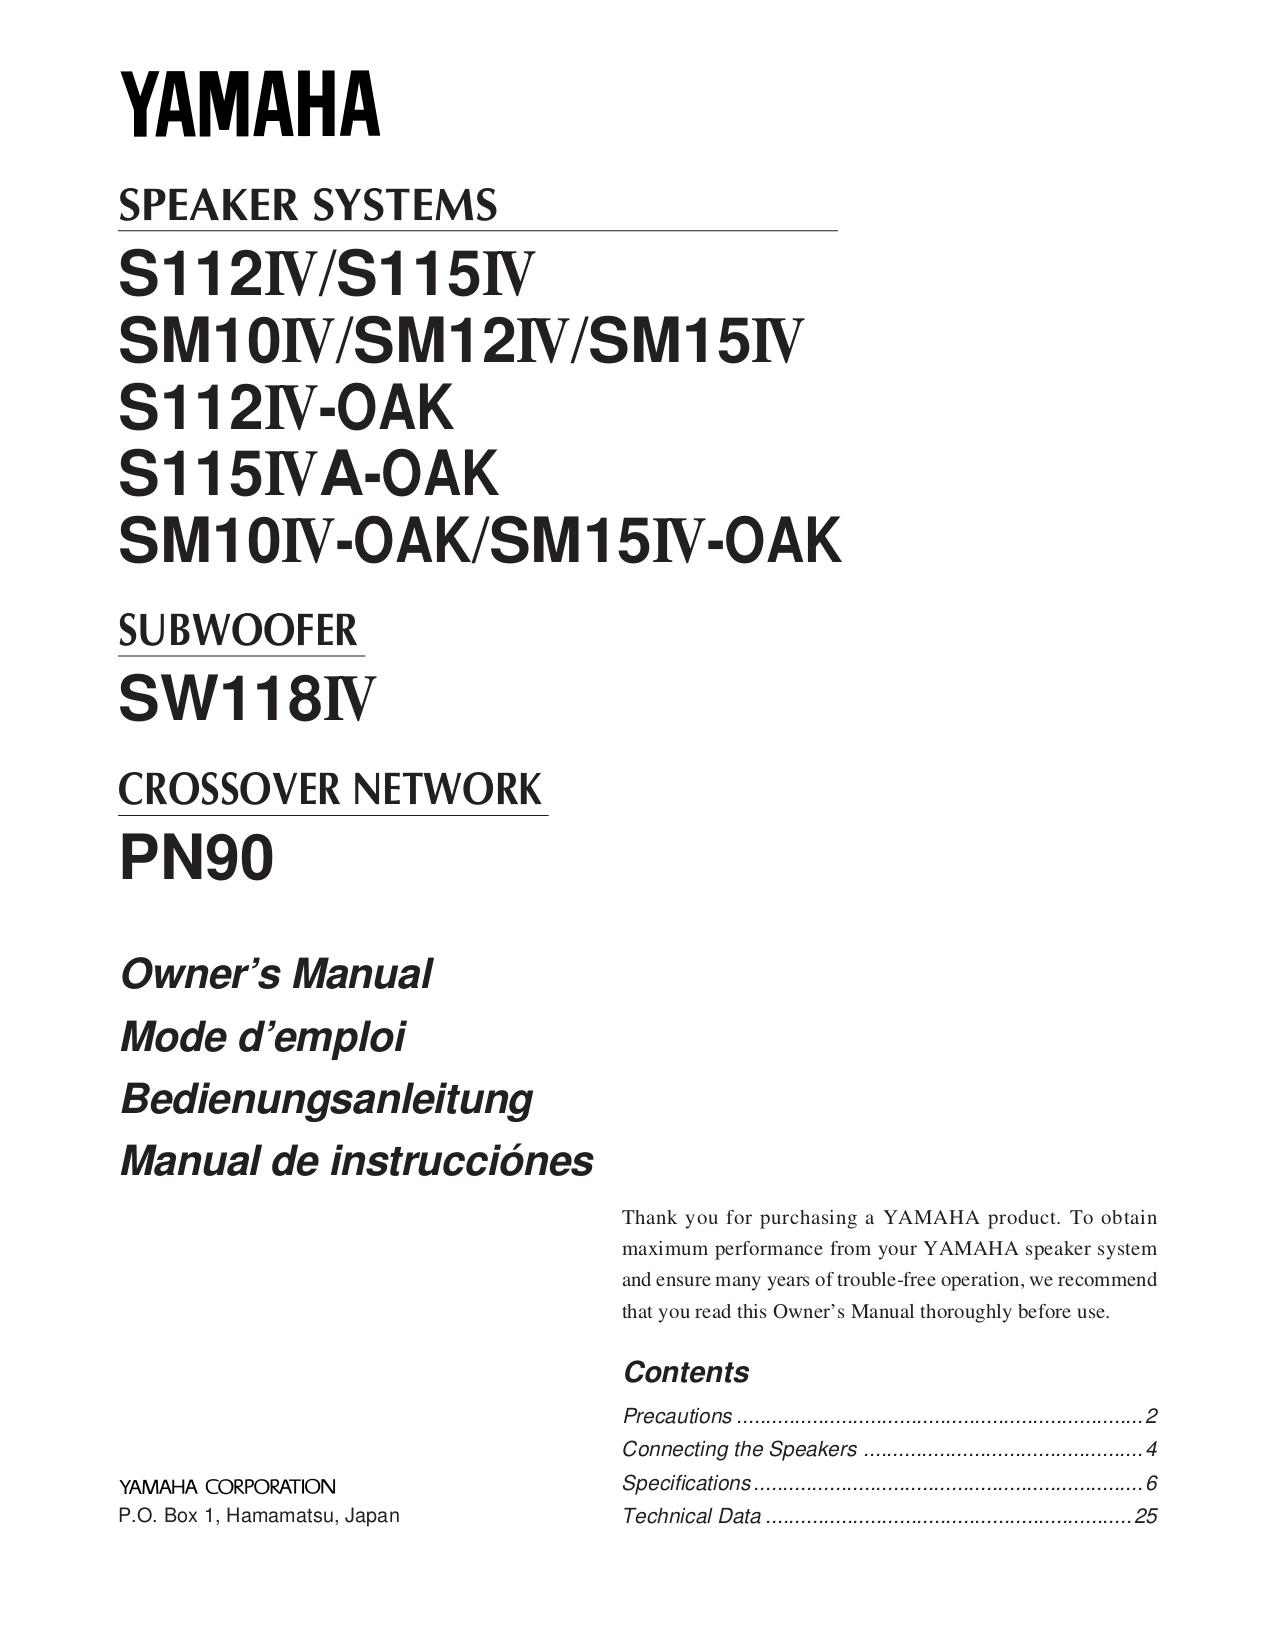 pdf for Yamaha Subwoofer SW118IV manual